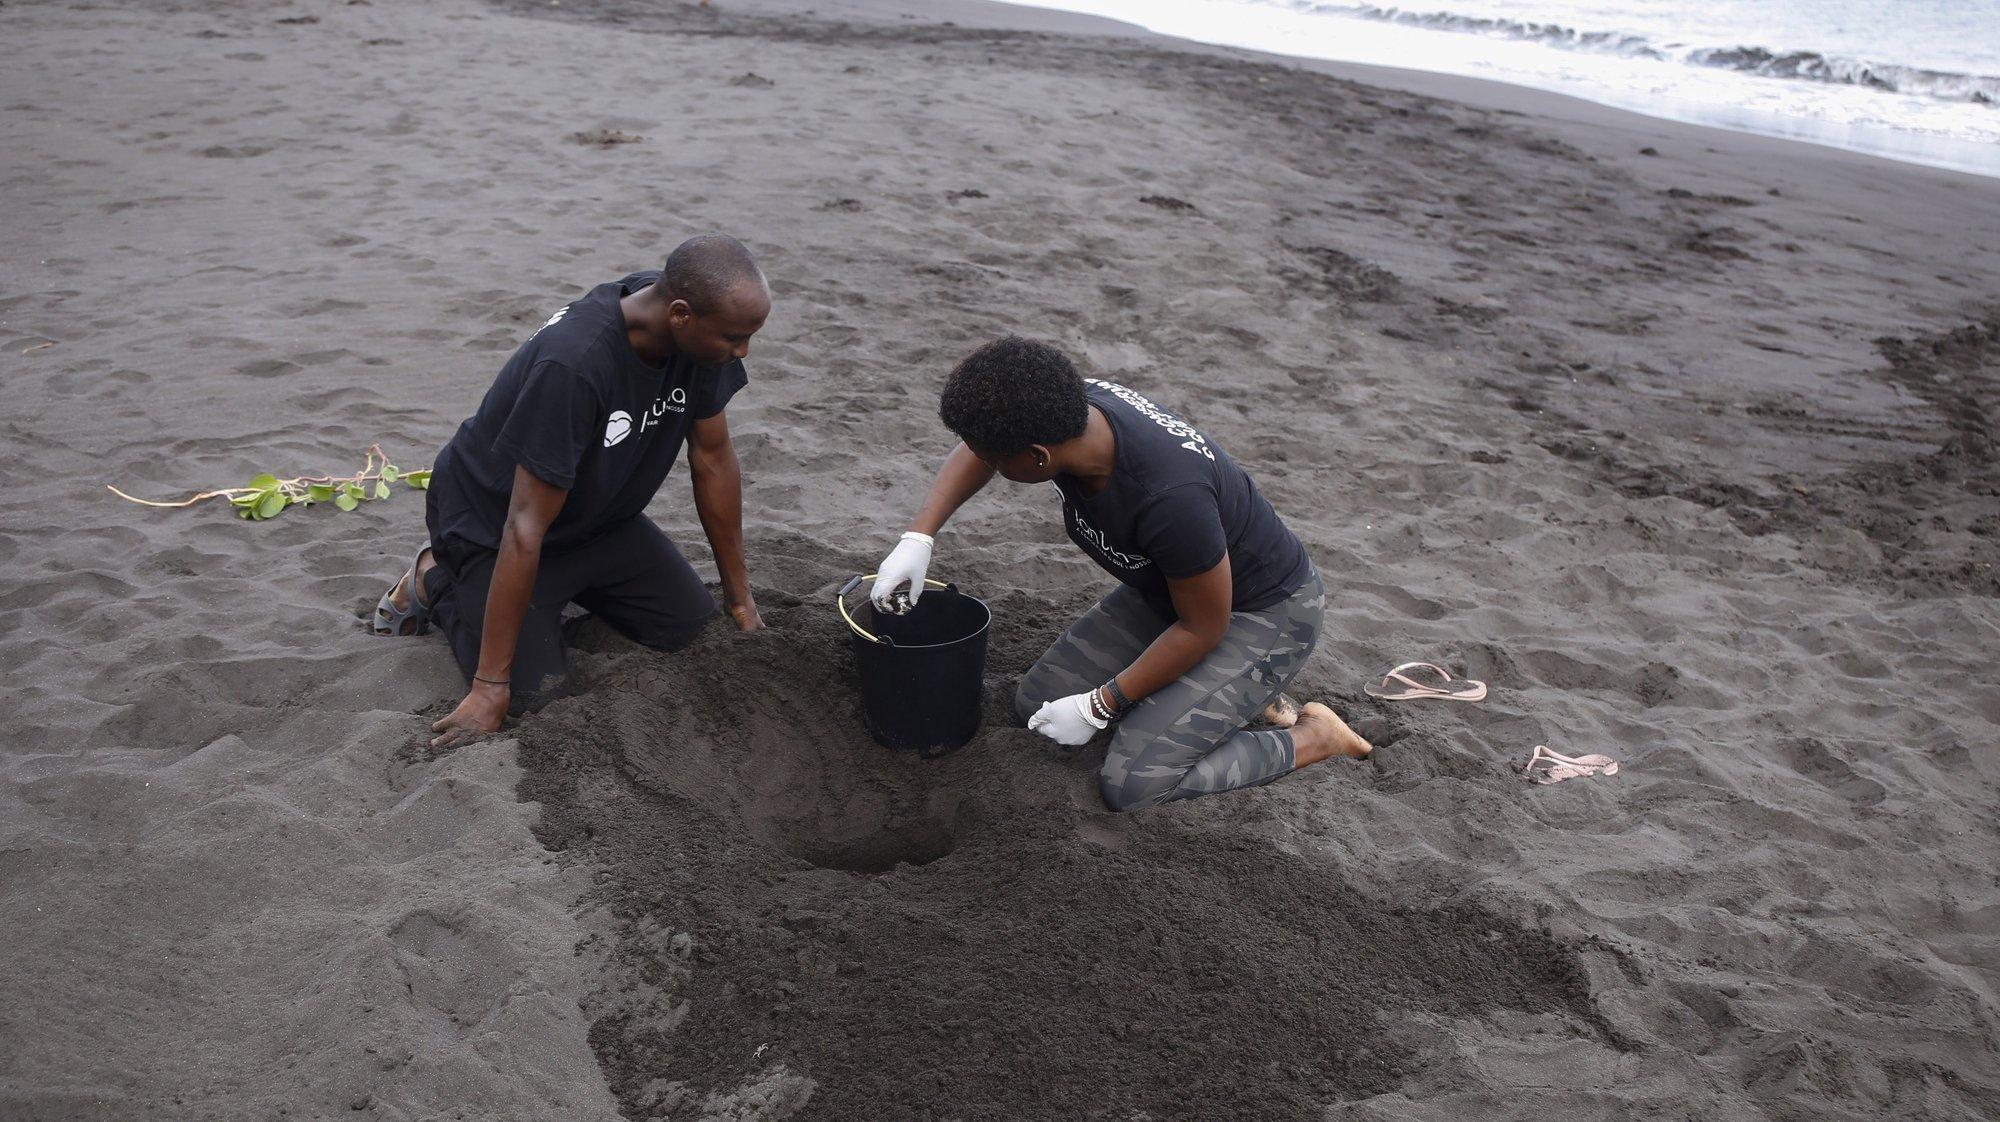 """A Organização Não-Governamental (ONG) cabo-verdiana Lantuna admite que a preservação das tartarugas marinhas em Santiago é """"crítica"""", pedindo mais fiscalização e o envolvimento das comunidades na defesa da espécie, tal como noutras ilhas de Cabo Verde, Ribeira das Pratas, 2 de agosto de 2021. (ACOMPANHA TEXTO DE 09/08/2021) FERNANDO DE PINA/LUSA"""